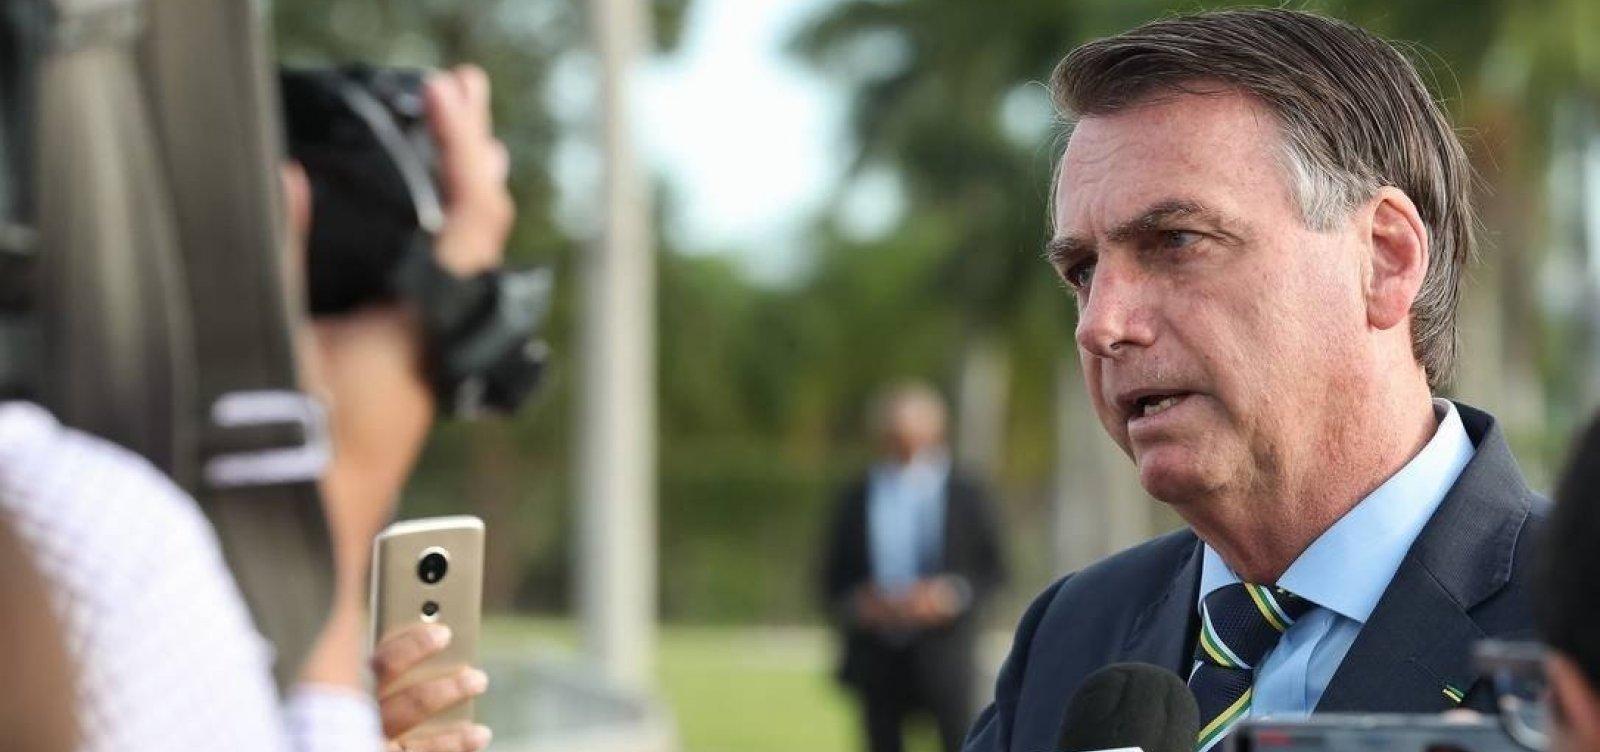 [Bolsonaro diz que vazamento de dados pessoais é 'intimidação' e promete 'medidas legais']